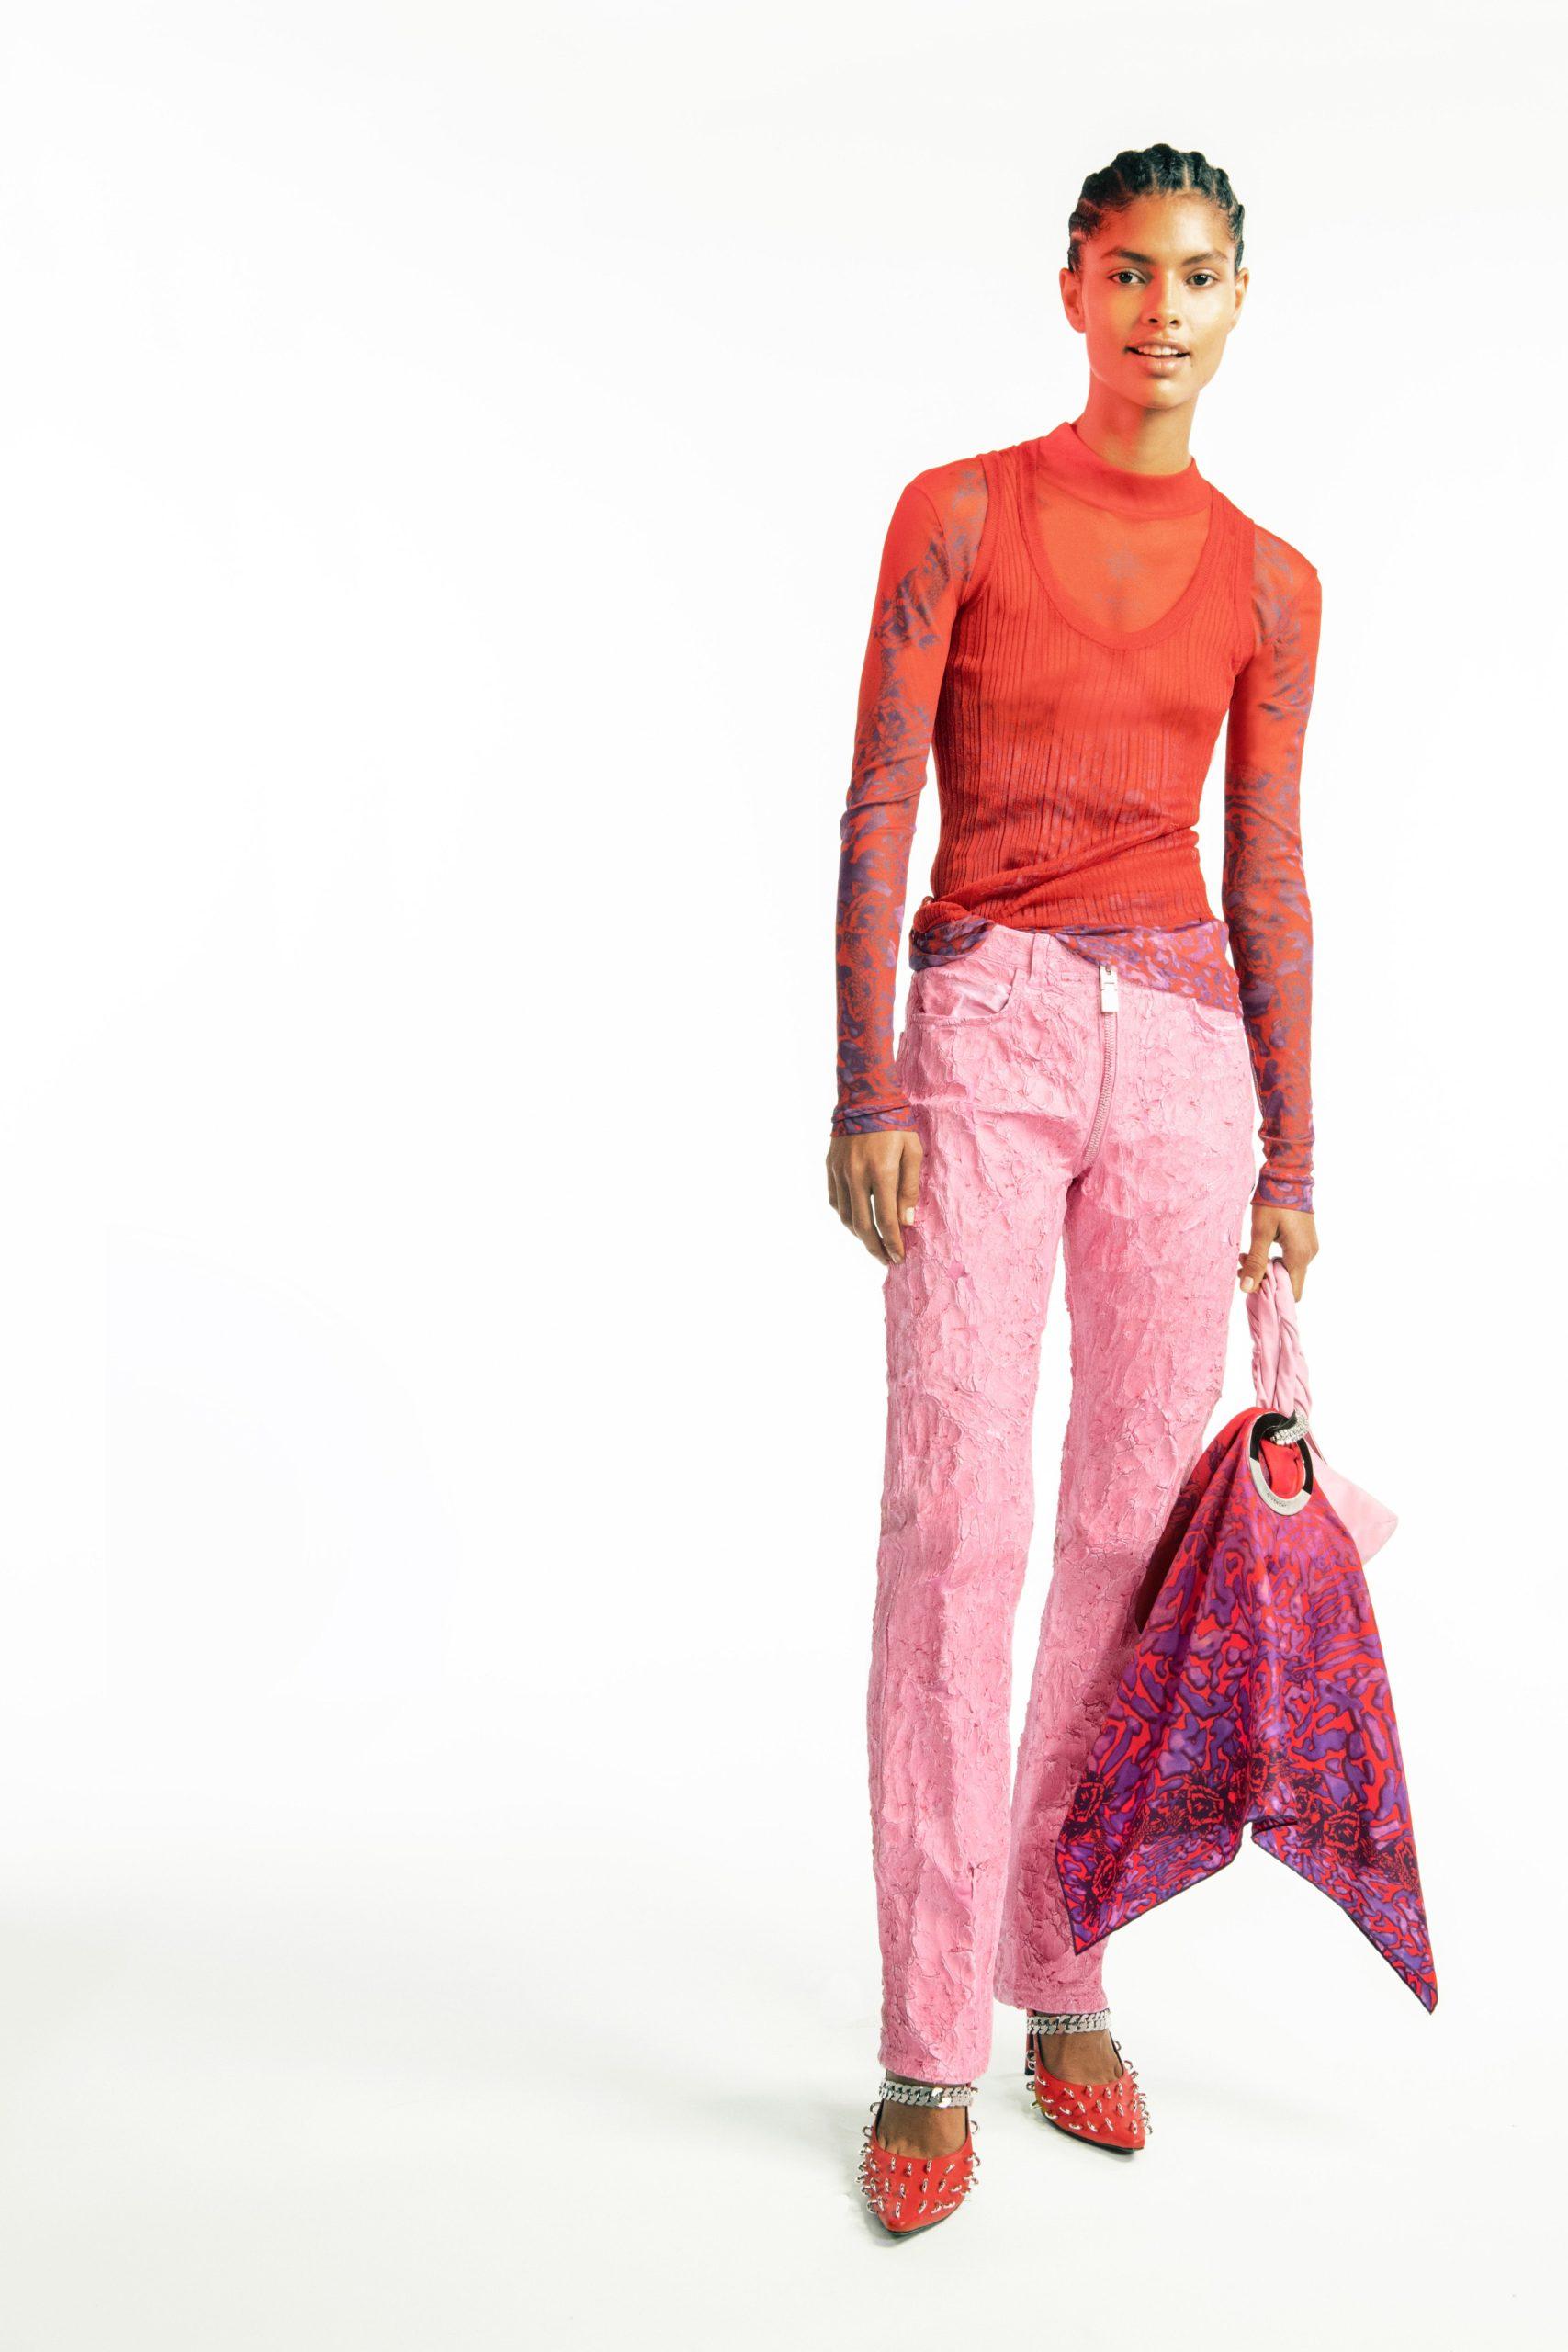 Прозрачные топы и туфли с шипами: первая коллекция Мэттью Уильямса для Givenchy